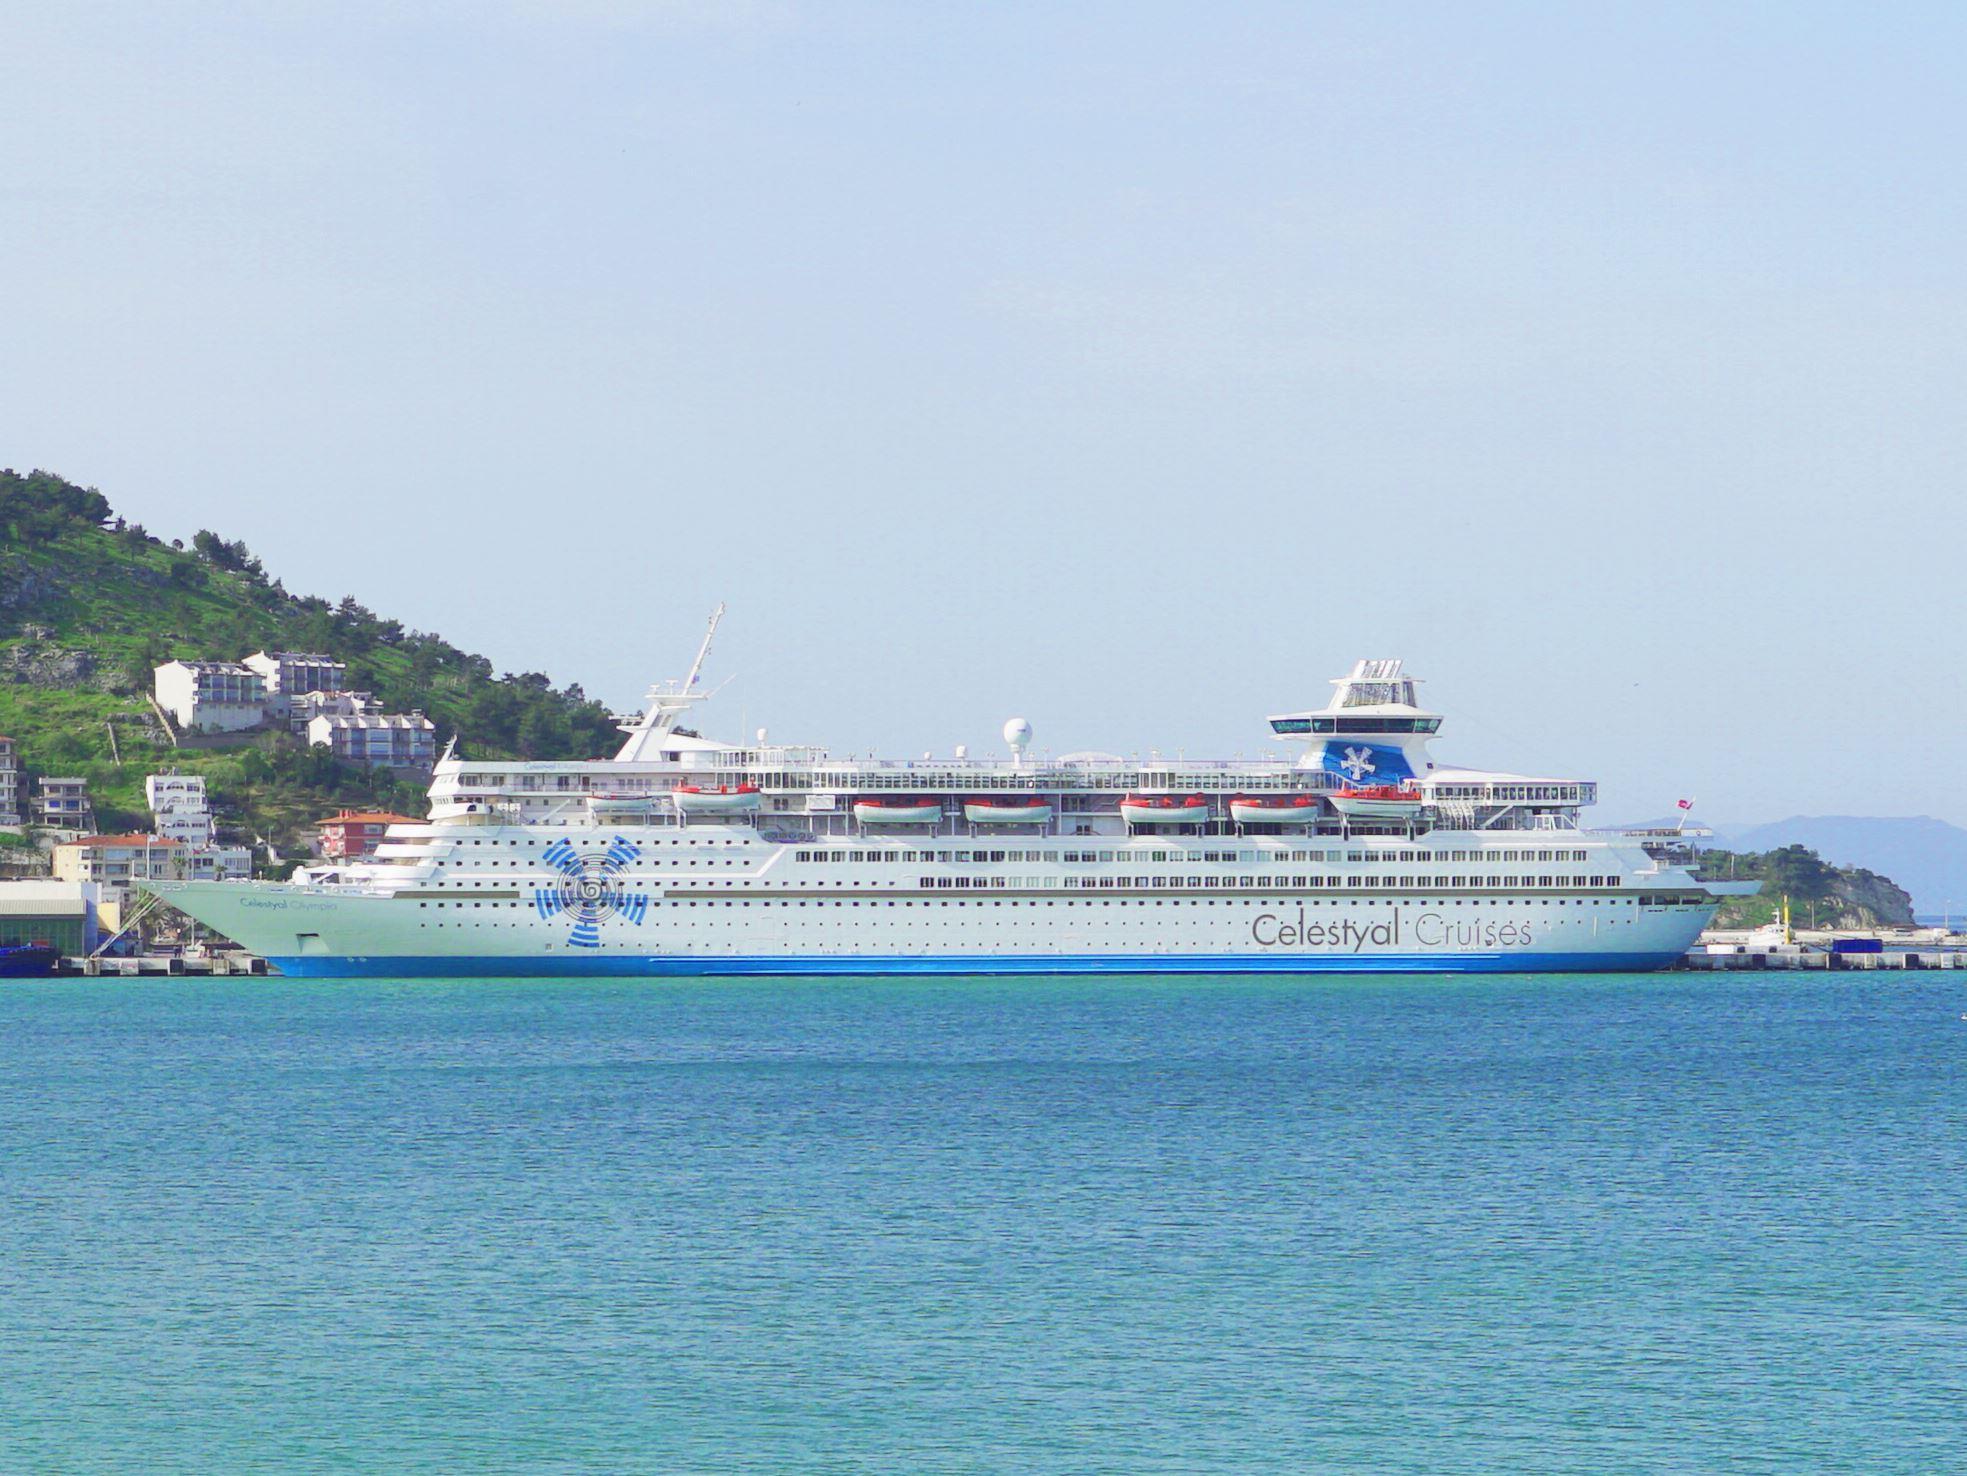 Yunan Adaları Turları